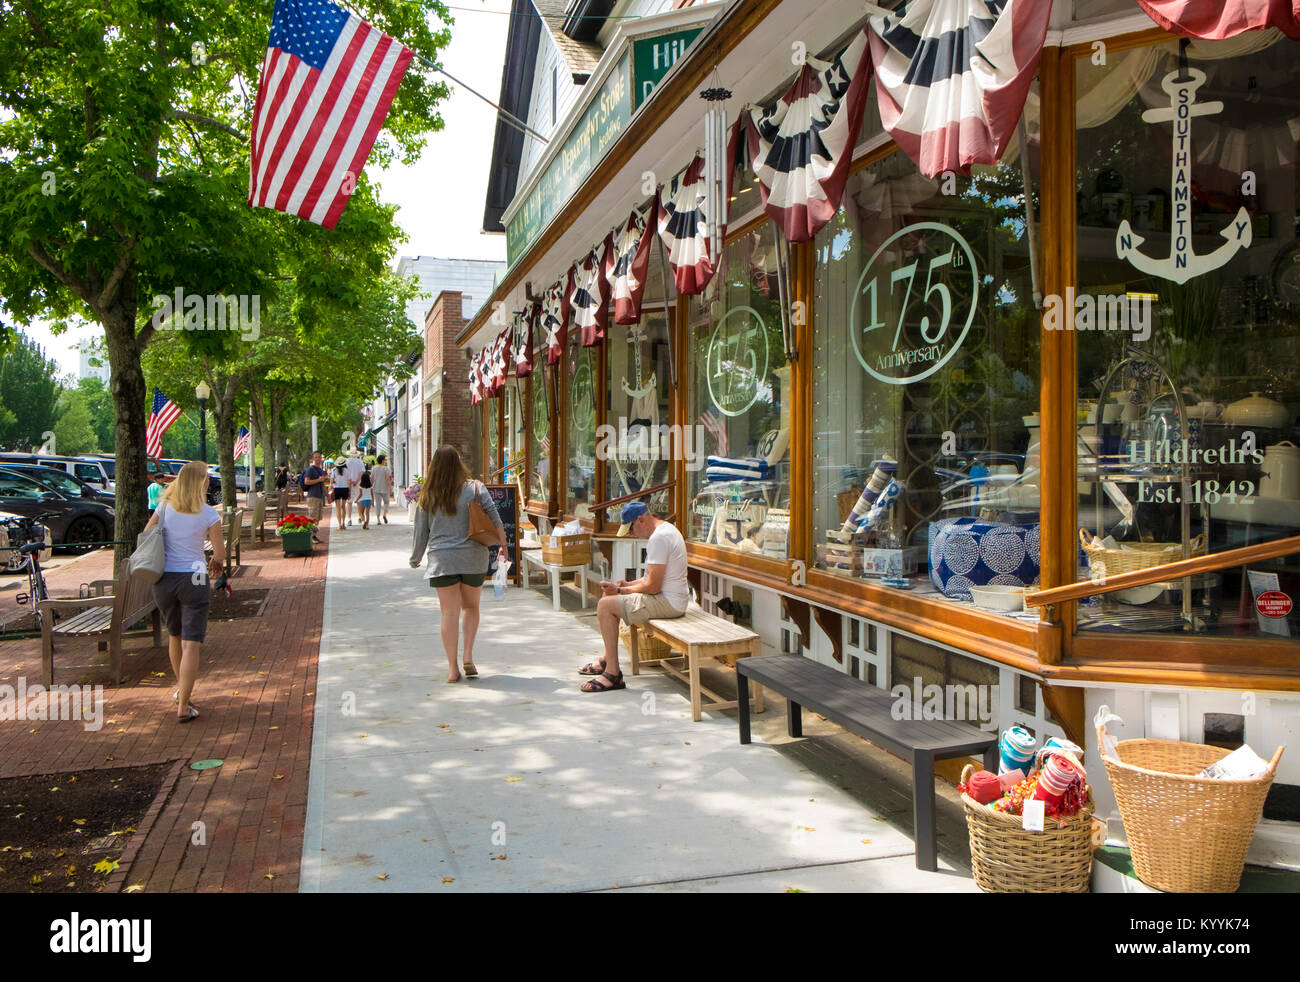 Gli Hamptons, Long Island - strada principale nel villaggio di Southampton, New York, Stati Uniti d'America Immagini Stock